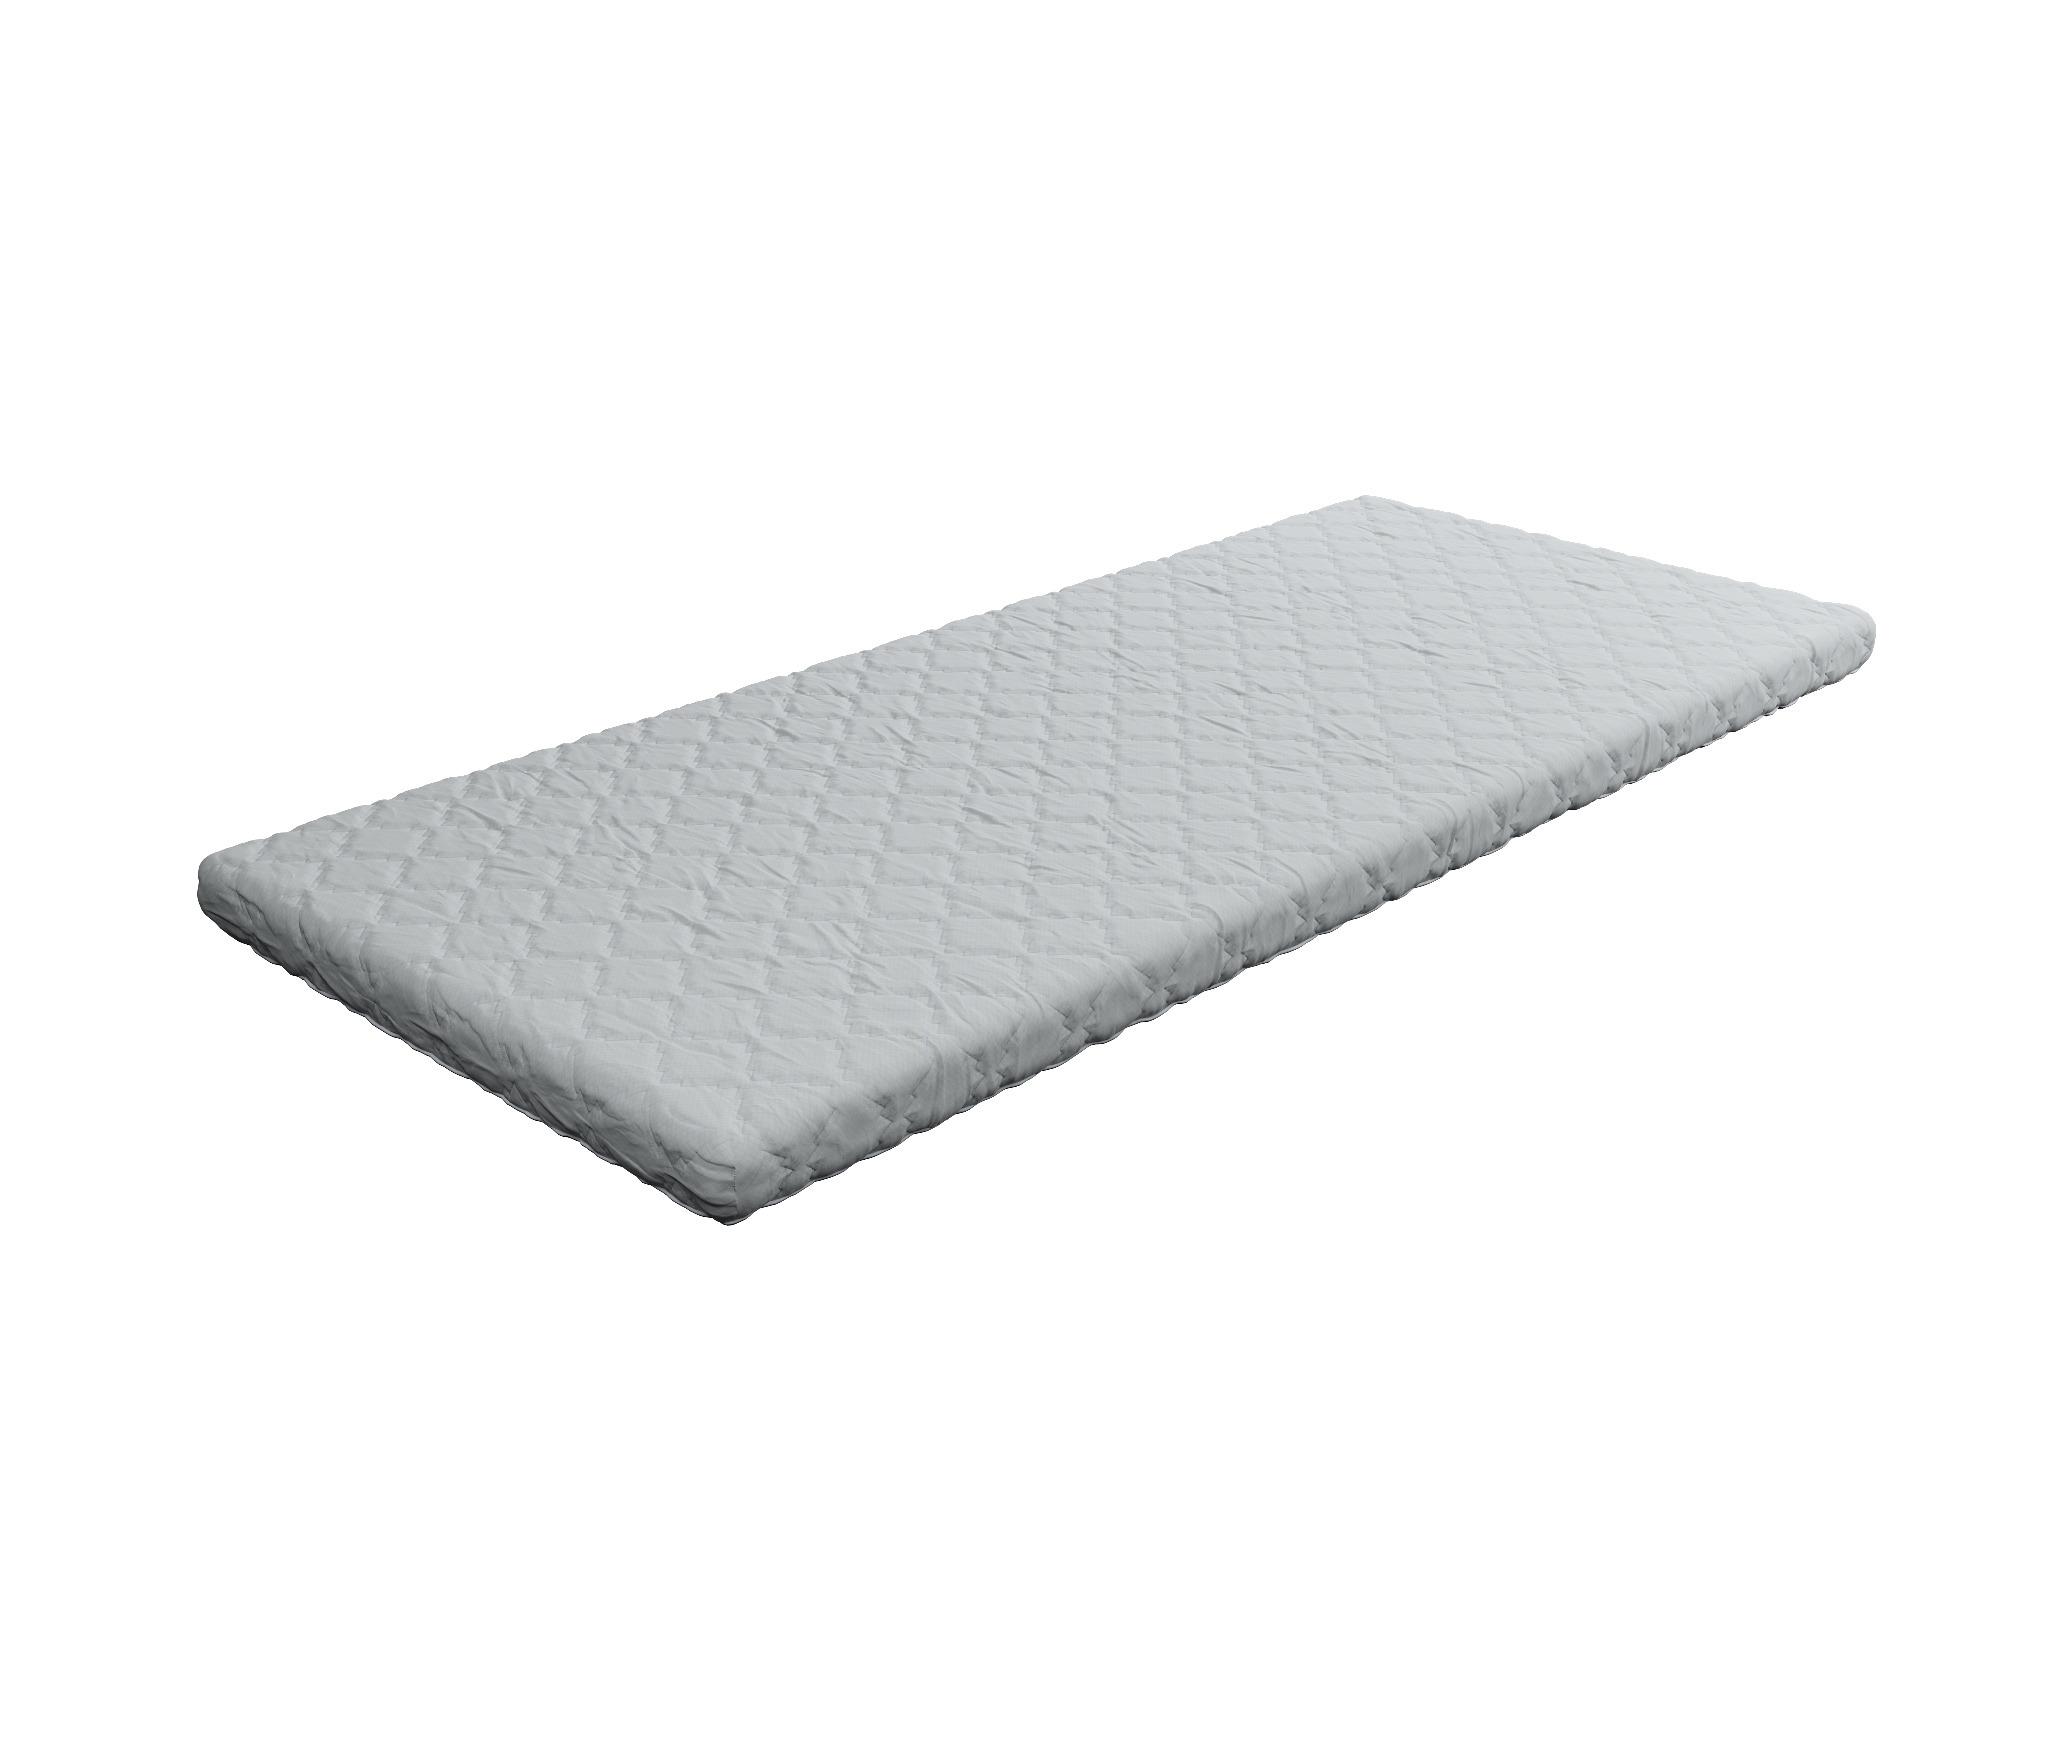 Матрас Топпер-Прима 1200*1900Кровати<br>Топпер- это идеальное экономичное решение для дач, для выравнивания спального места на диване и для всех тех, кто хочет получить максимум комфорта при минимальных затратах.&#13;Блок ППУ высокой прочности, обе стороны ровные, чехол несъемный. Ткань чехла Stelline, плотностью 11 pix.&#13;Толщина 40 мм.&#13;Макс. нагрузка 100 кг, при использовании на диване или матрасе.<br><br>Длина мм: 1200<br>Высота мм: 40<br>Глубина мм: 1900<br>Длина матраса: 1900<br>Ширина матраса: 1200